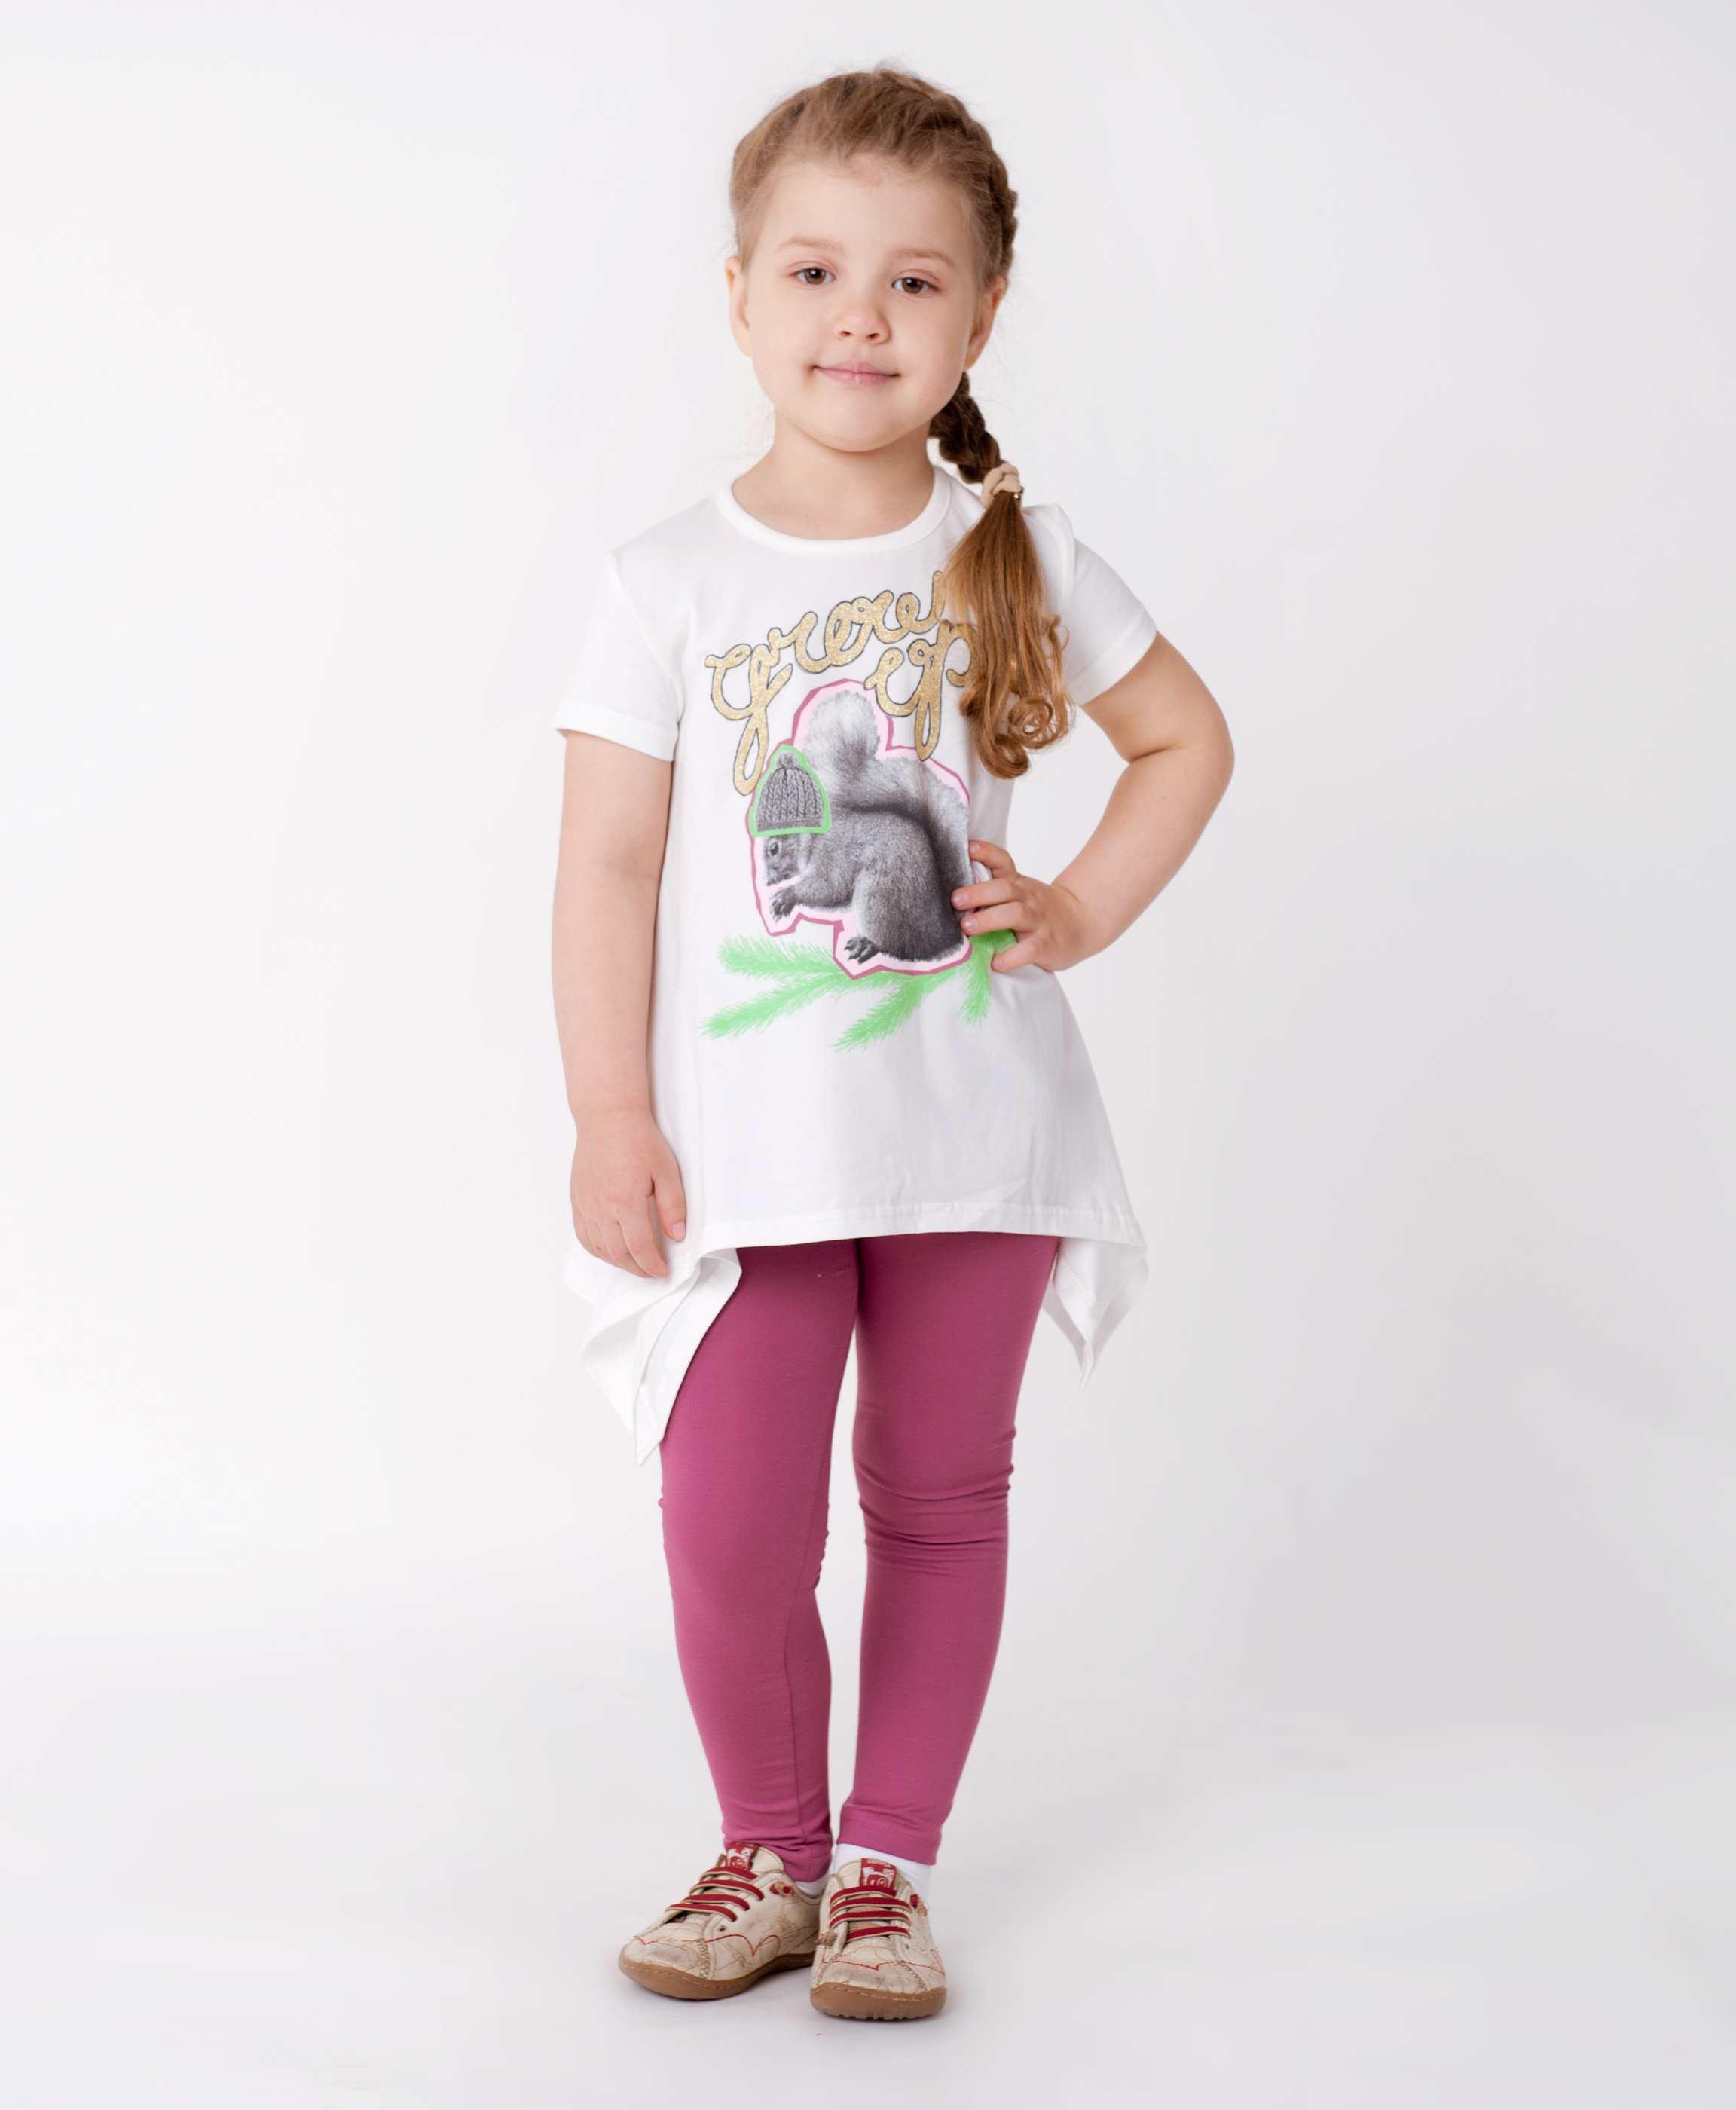 Сбор заказов. Vataga - самая детская одежда! Стильно и недорого. Новинки. Распродажа Выкуп 3.